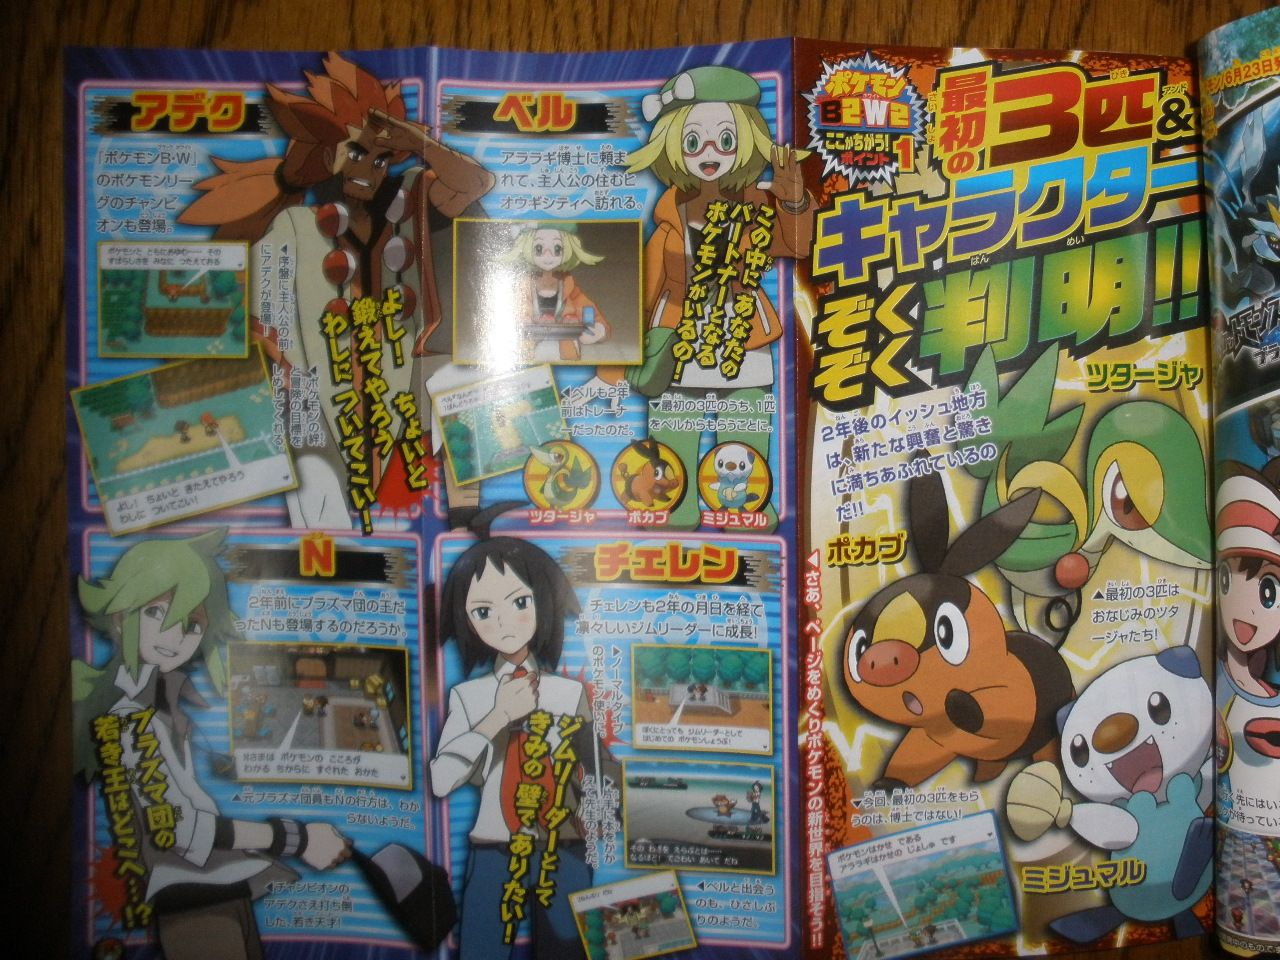 Novas scans mostram aparição de personagens antigos em Pokémon Black 2 & White 2 (DS) Corocoro5121